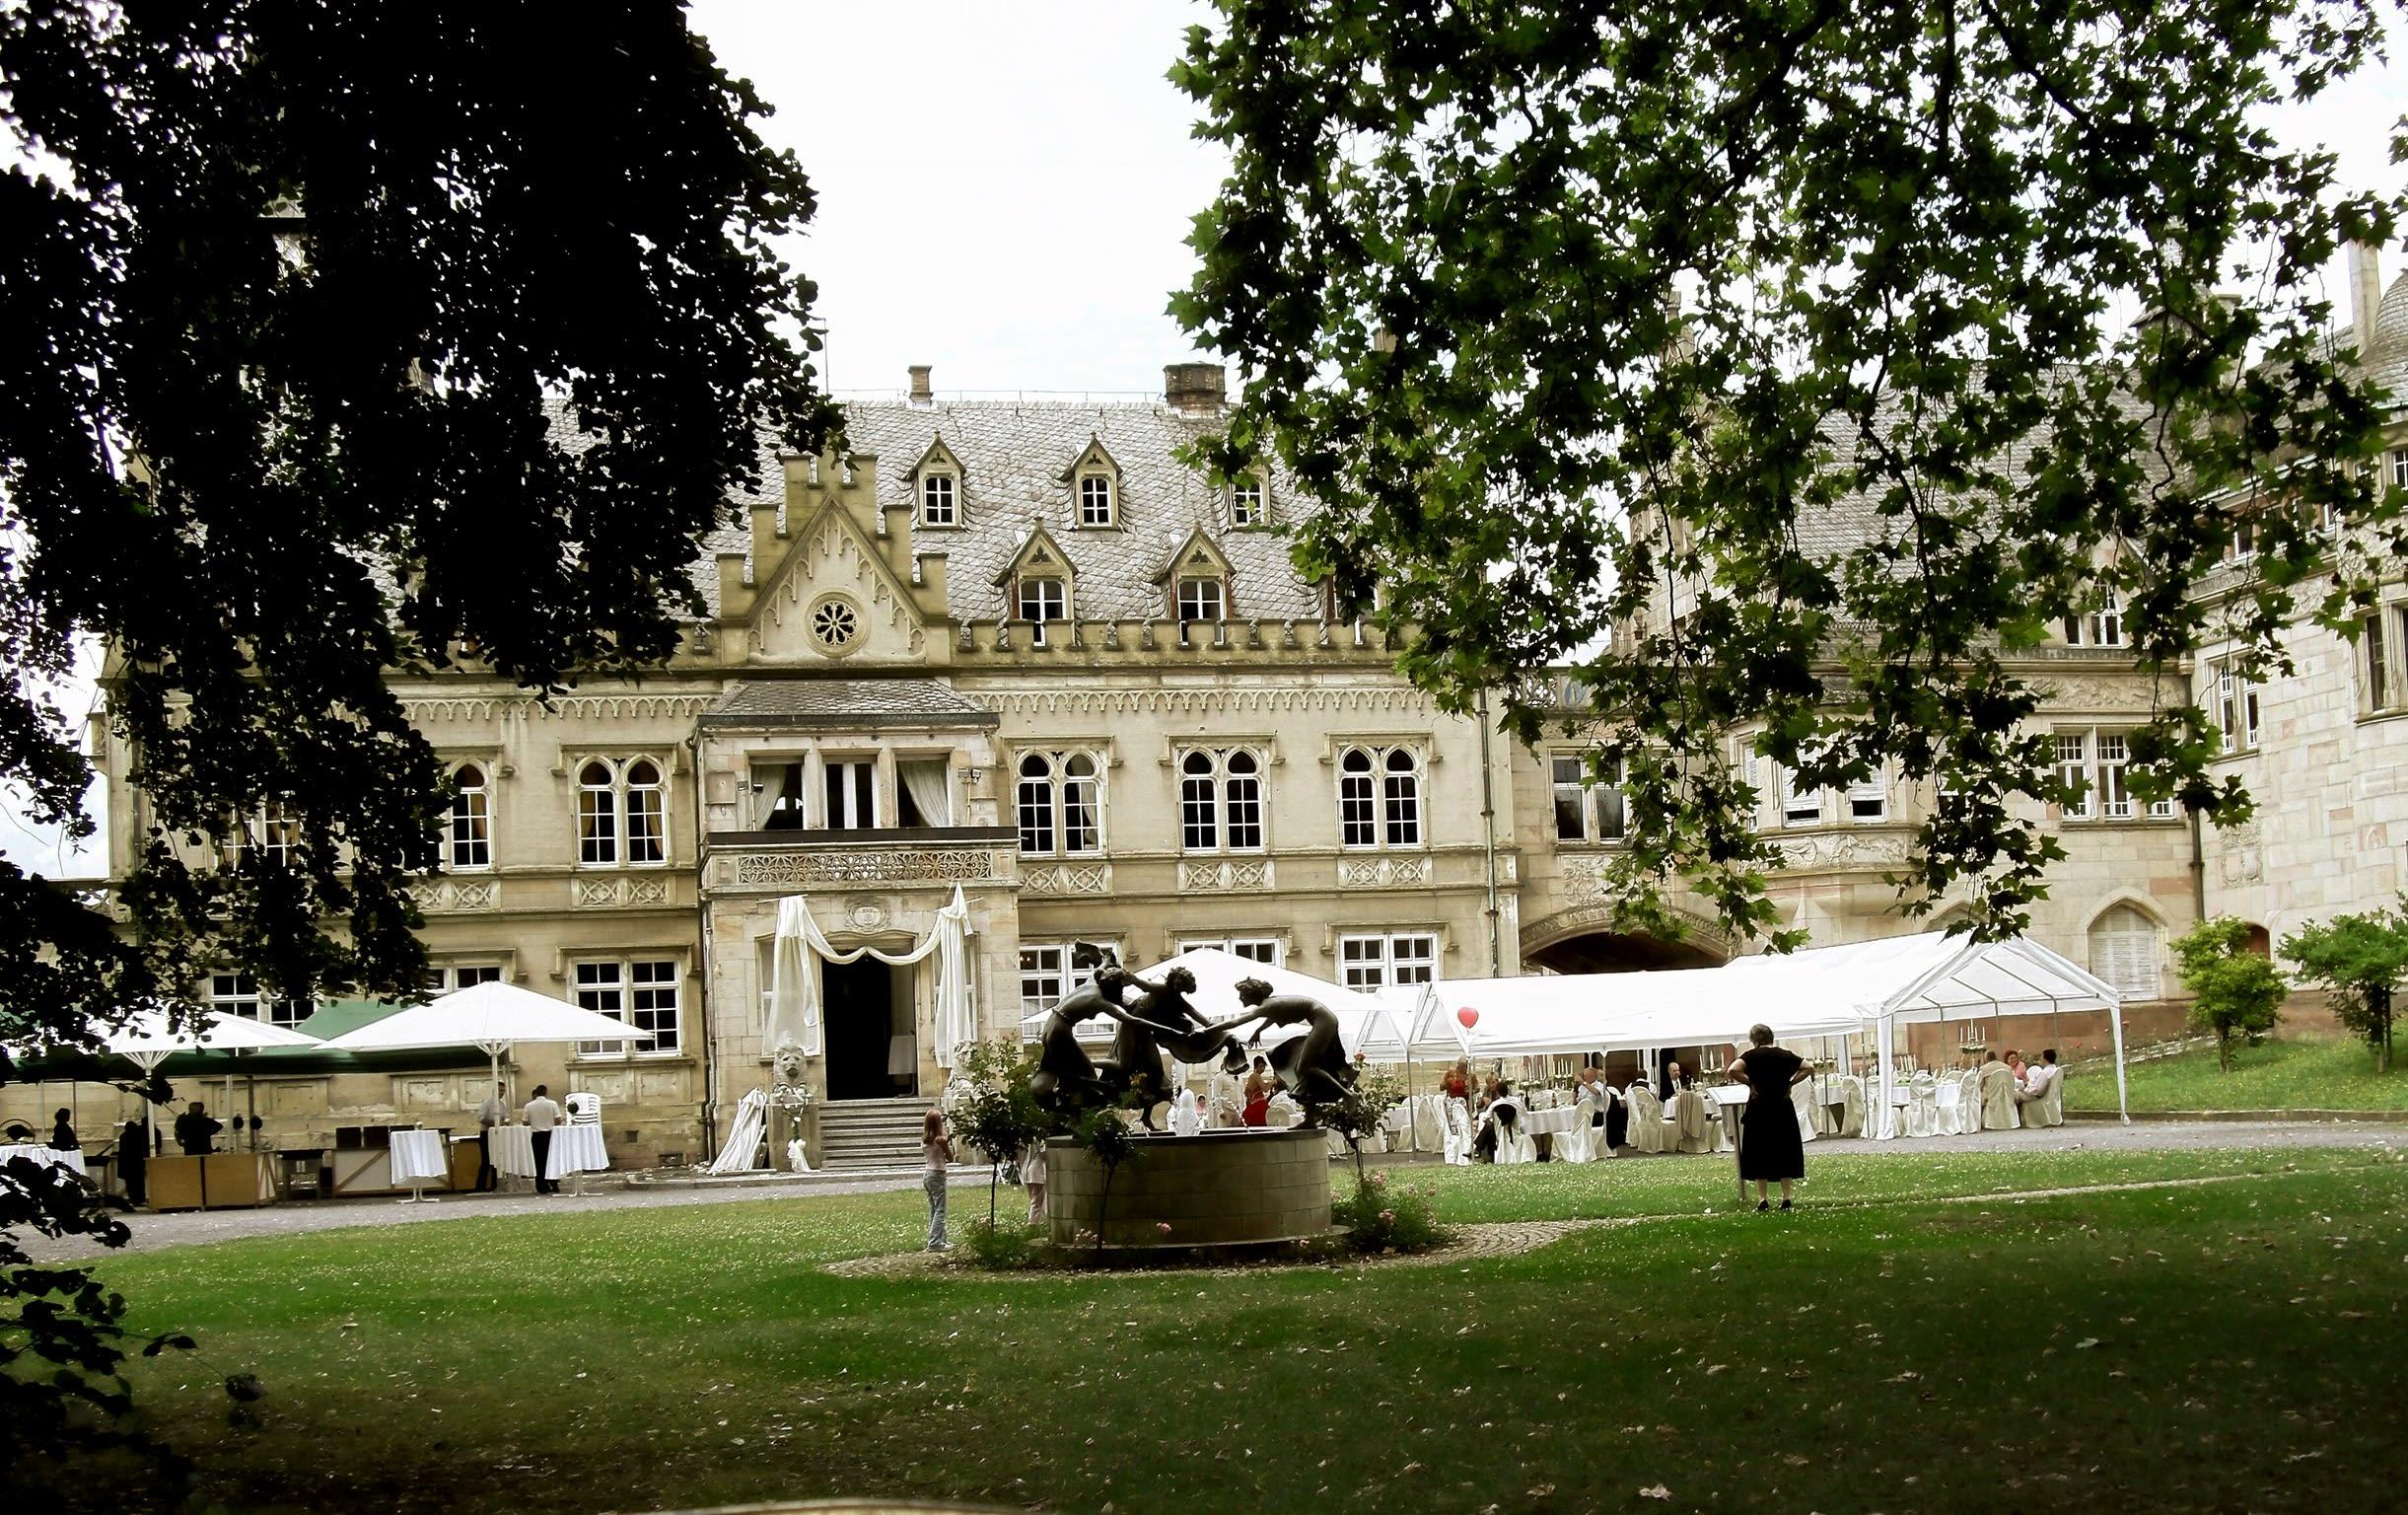 Hochzeitslocation Burg mit Skulpturen